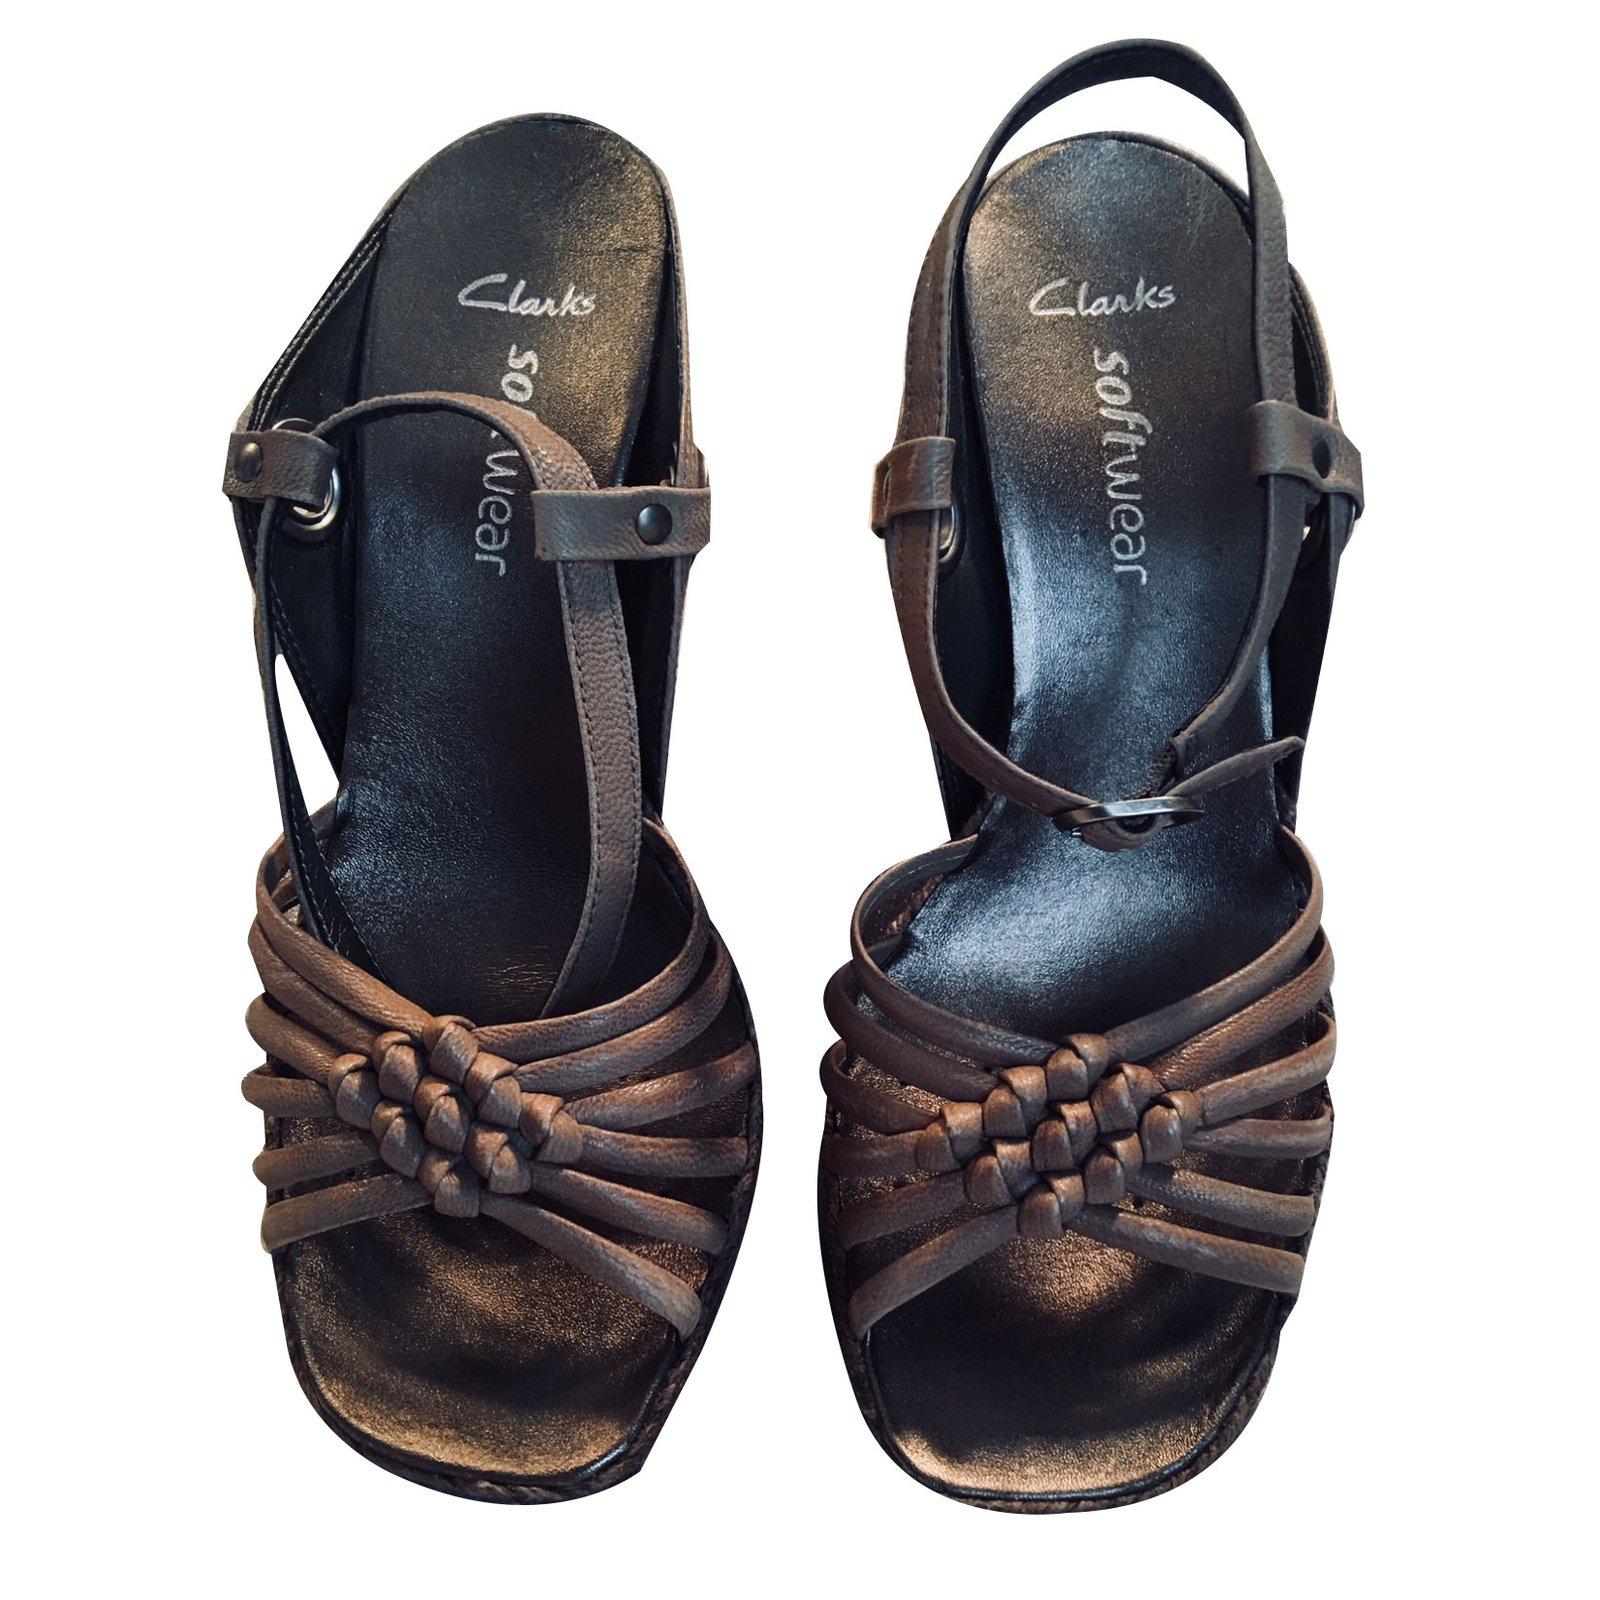 ankommen klassische Stile online zum Verkauf Clarks SOFTWEAR Sandals Leather Beige ref.64272 - Joli Closet